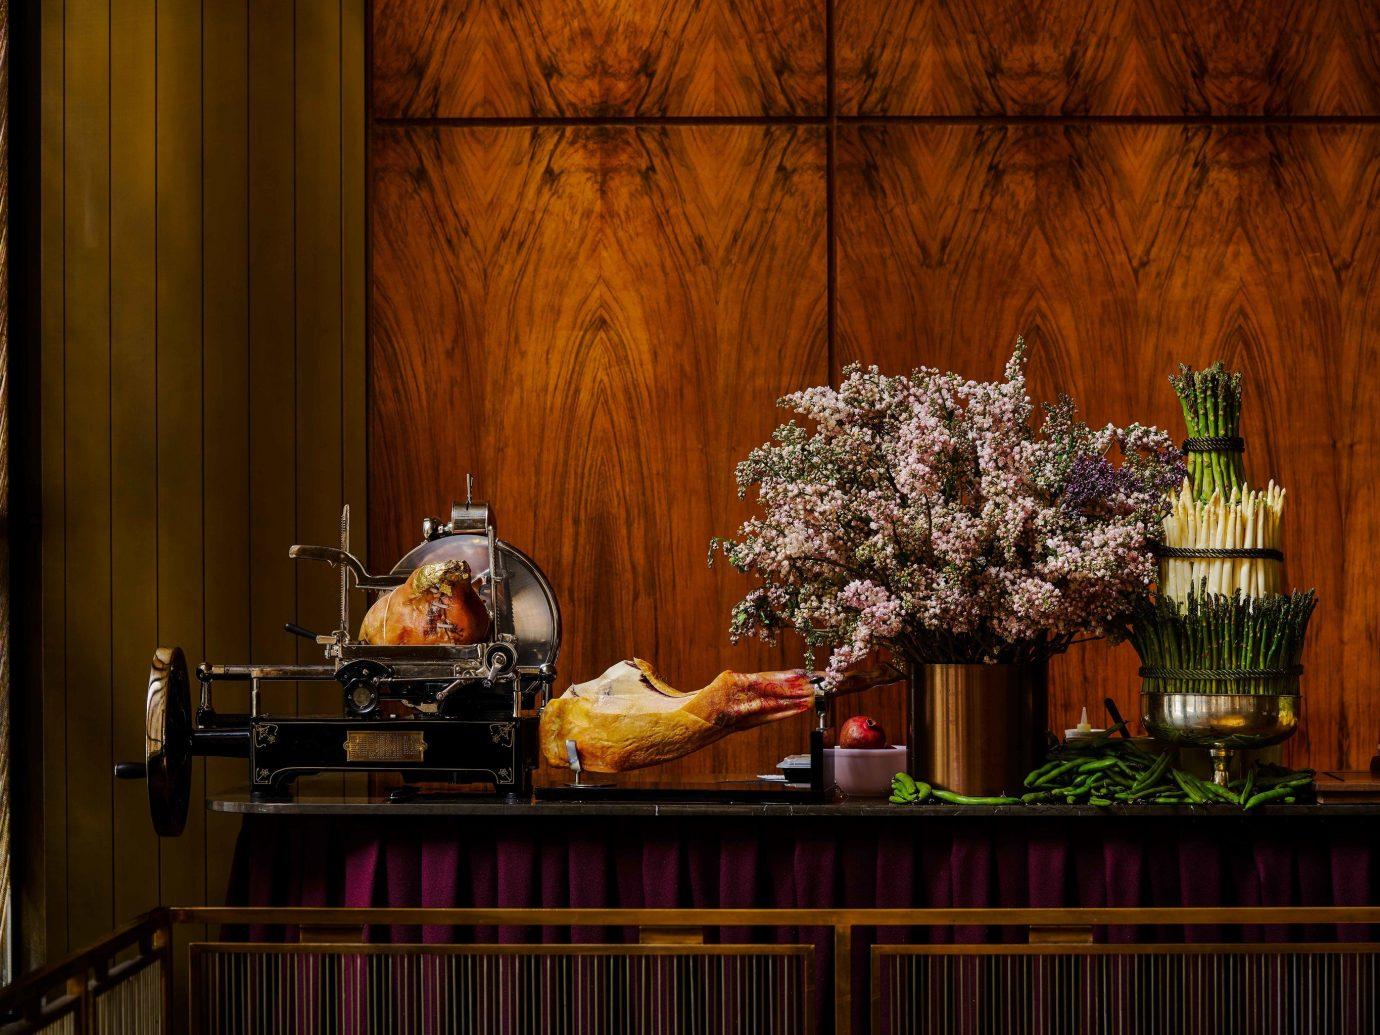 Food + Drink indoor flower still life still life photography interior design night restaurant window altar